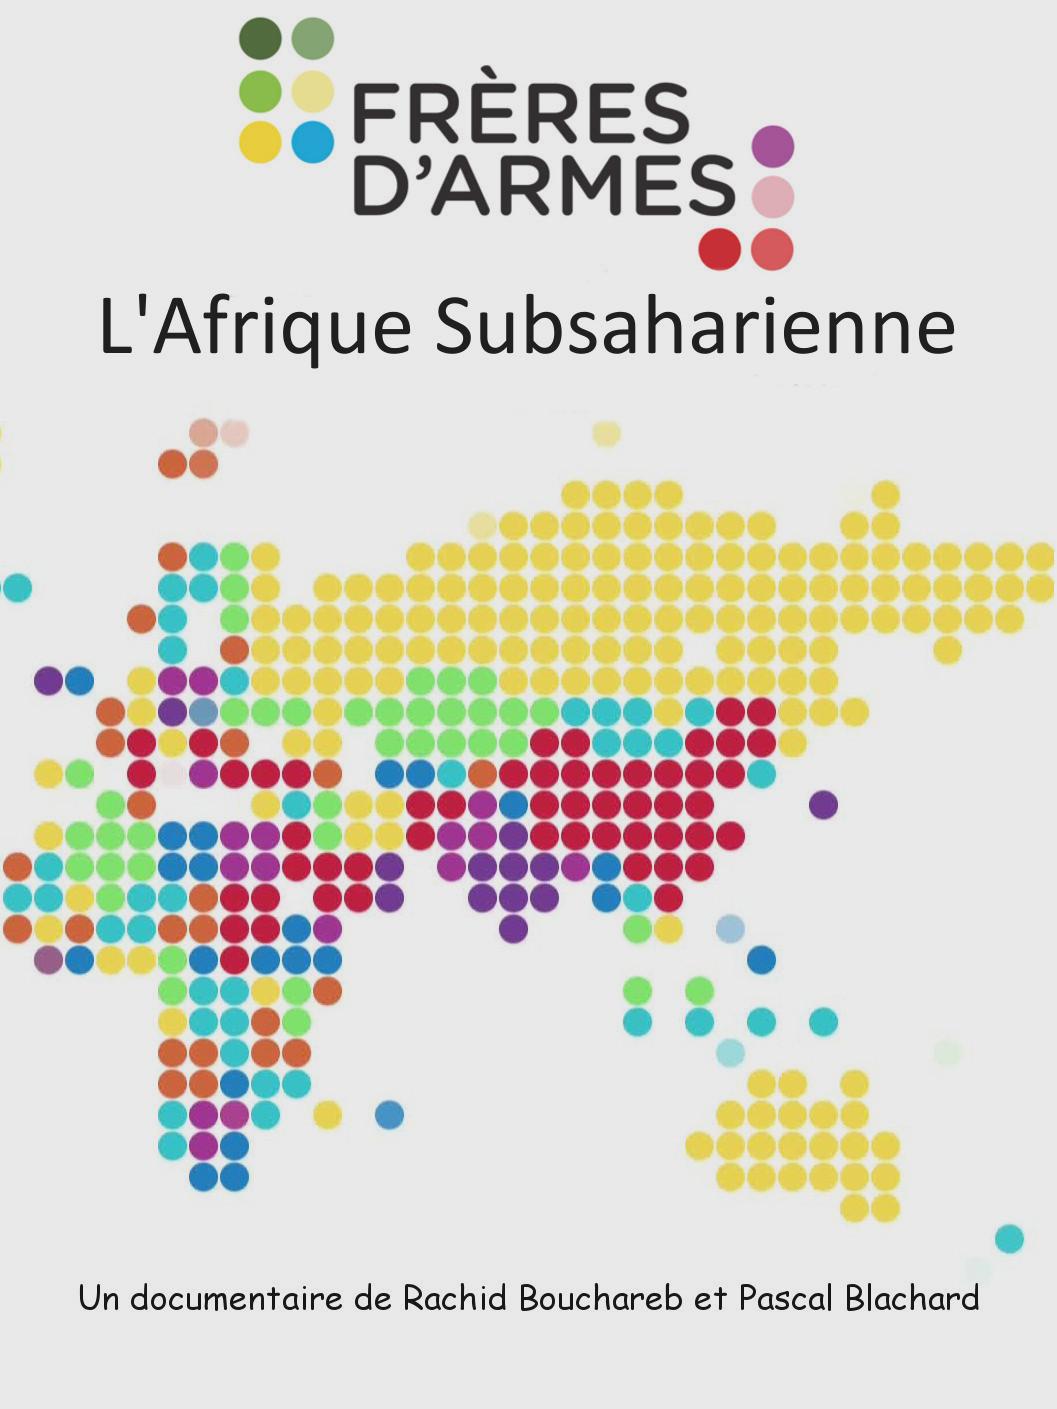 Frères d'armes : Afrique Subsaharienne